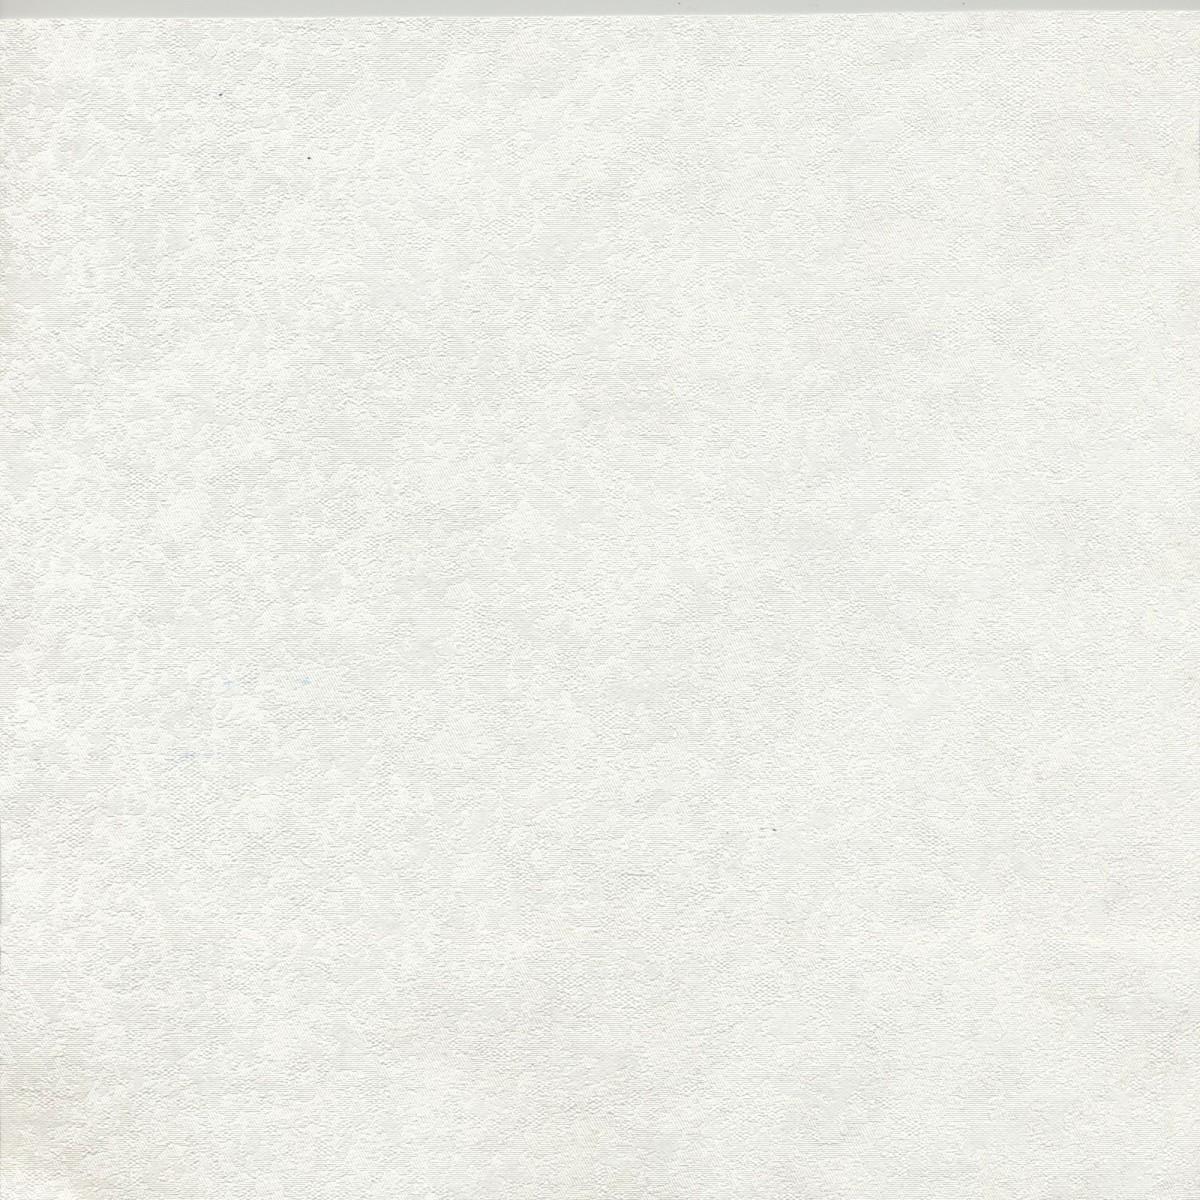 Обои флизелиновые 1.06х10 м фон серый ED 1090-11